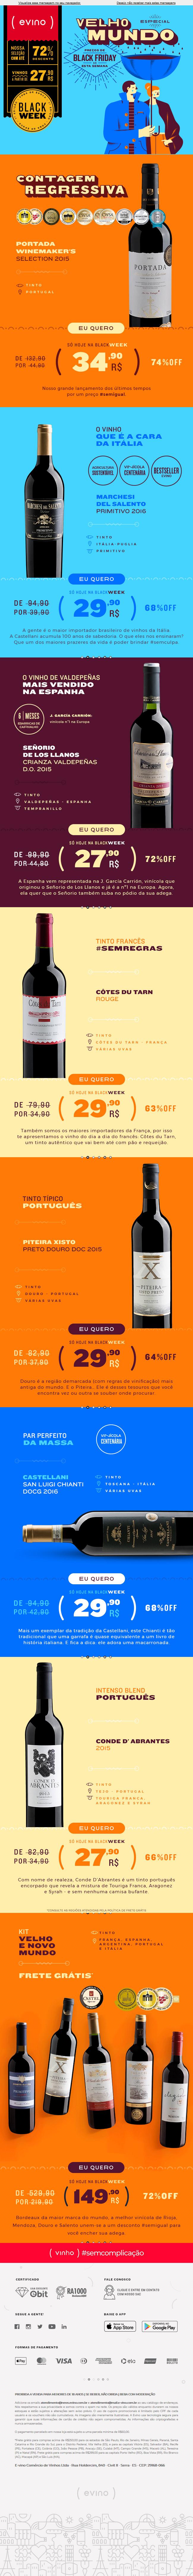 Vinhos a partir de 27,90 I PORTADA por 34,90 I Kit FRETE GRÁTIS - Confira!